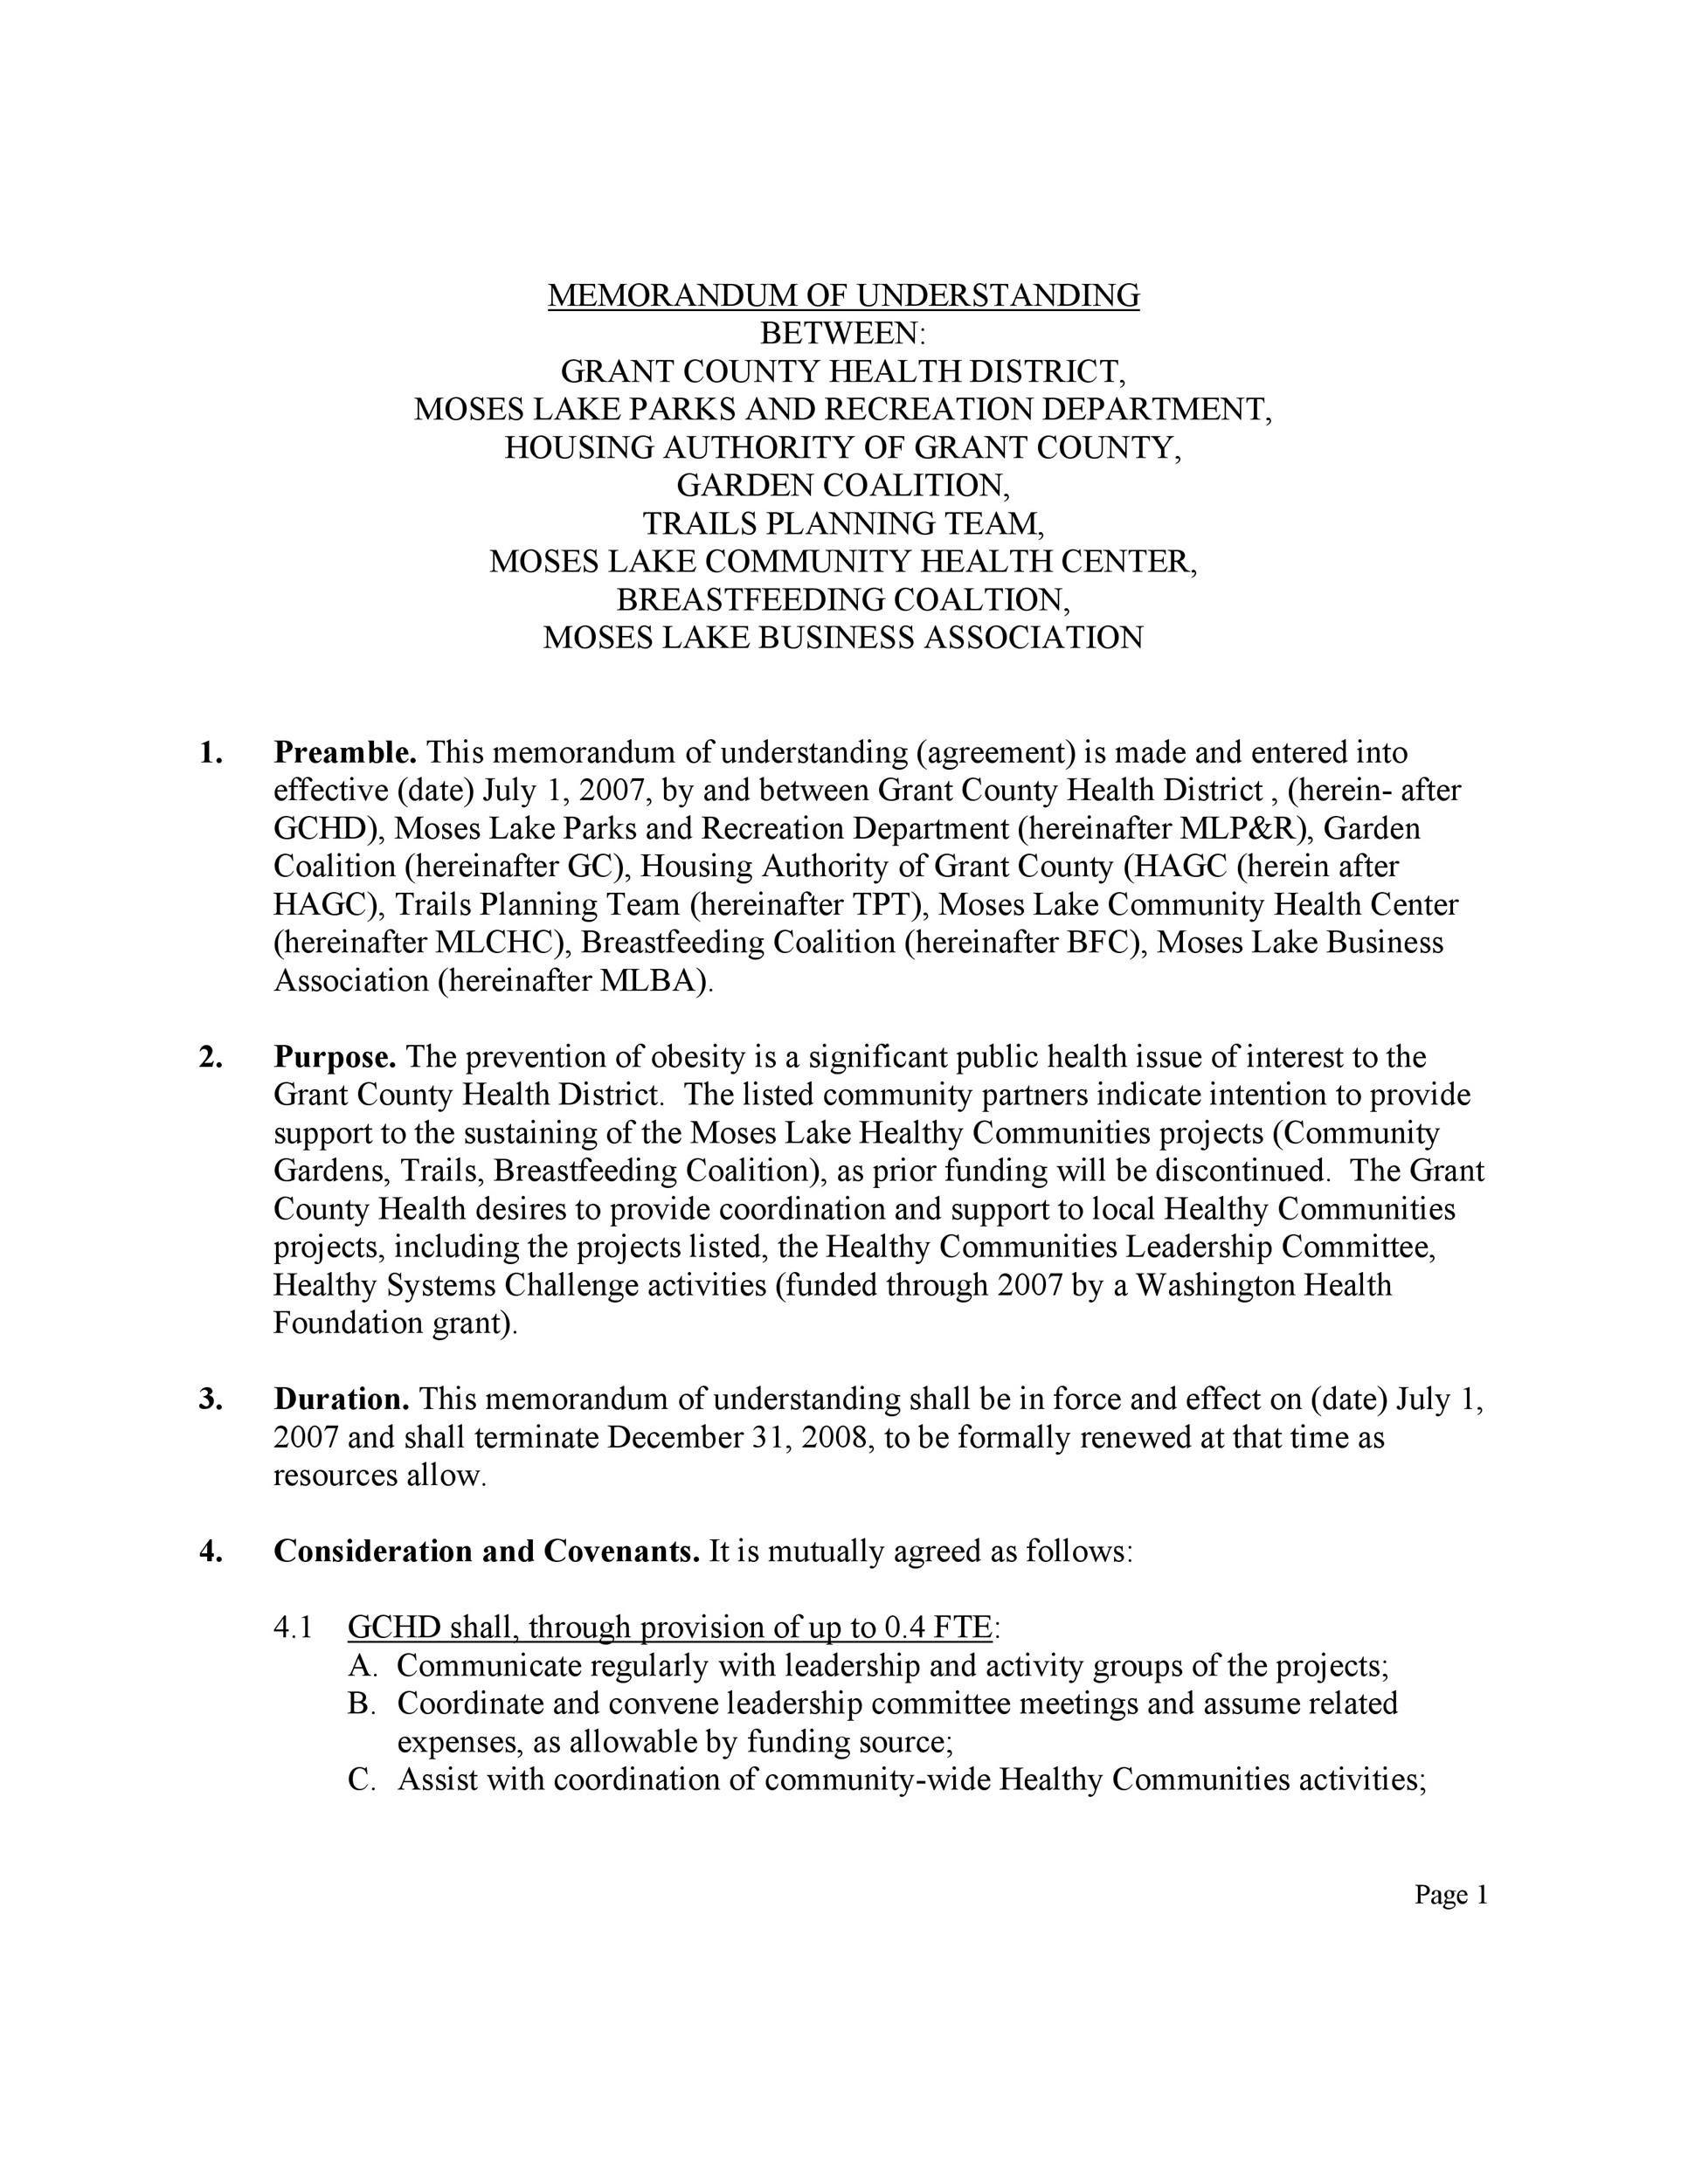 003 Singular Letter Of Understanding Format Highest Clarity  Sample MemorandumFull